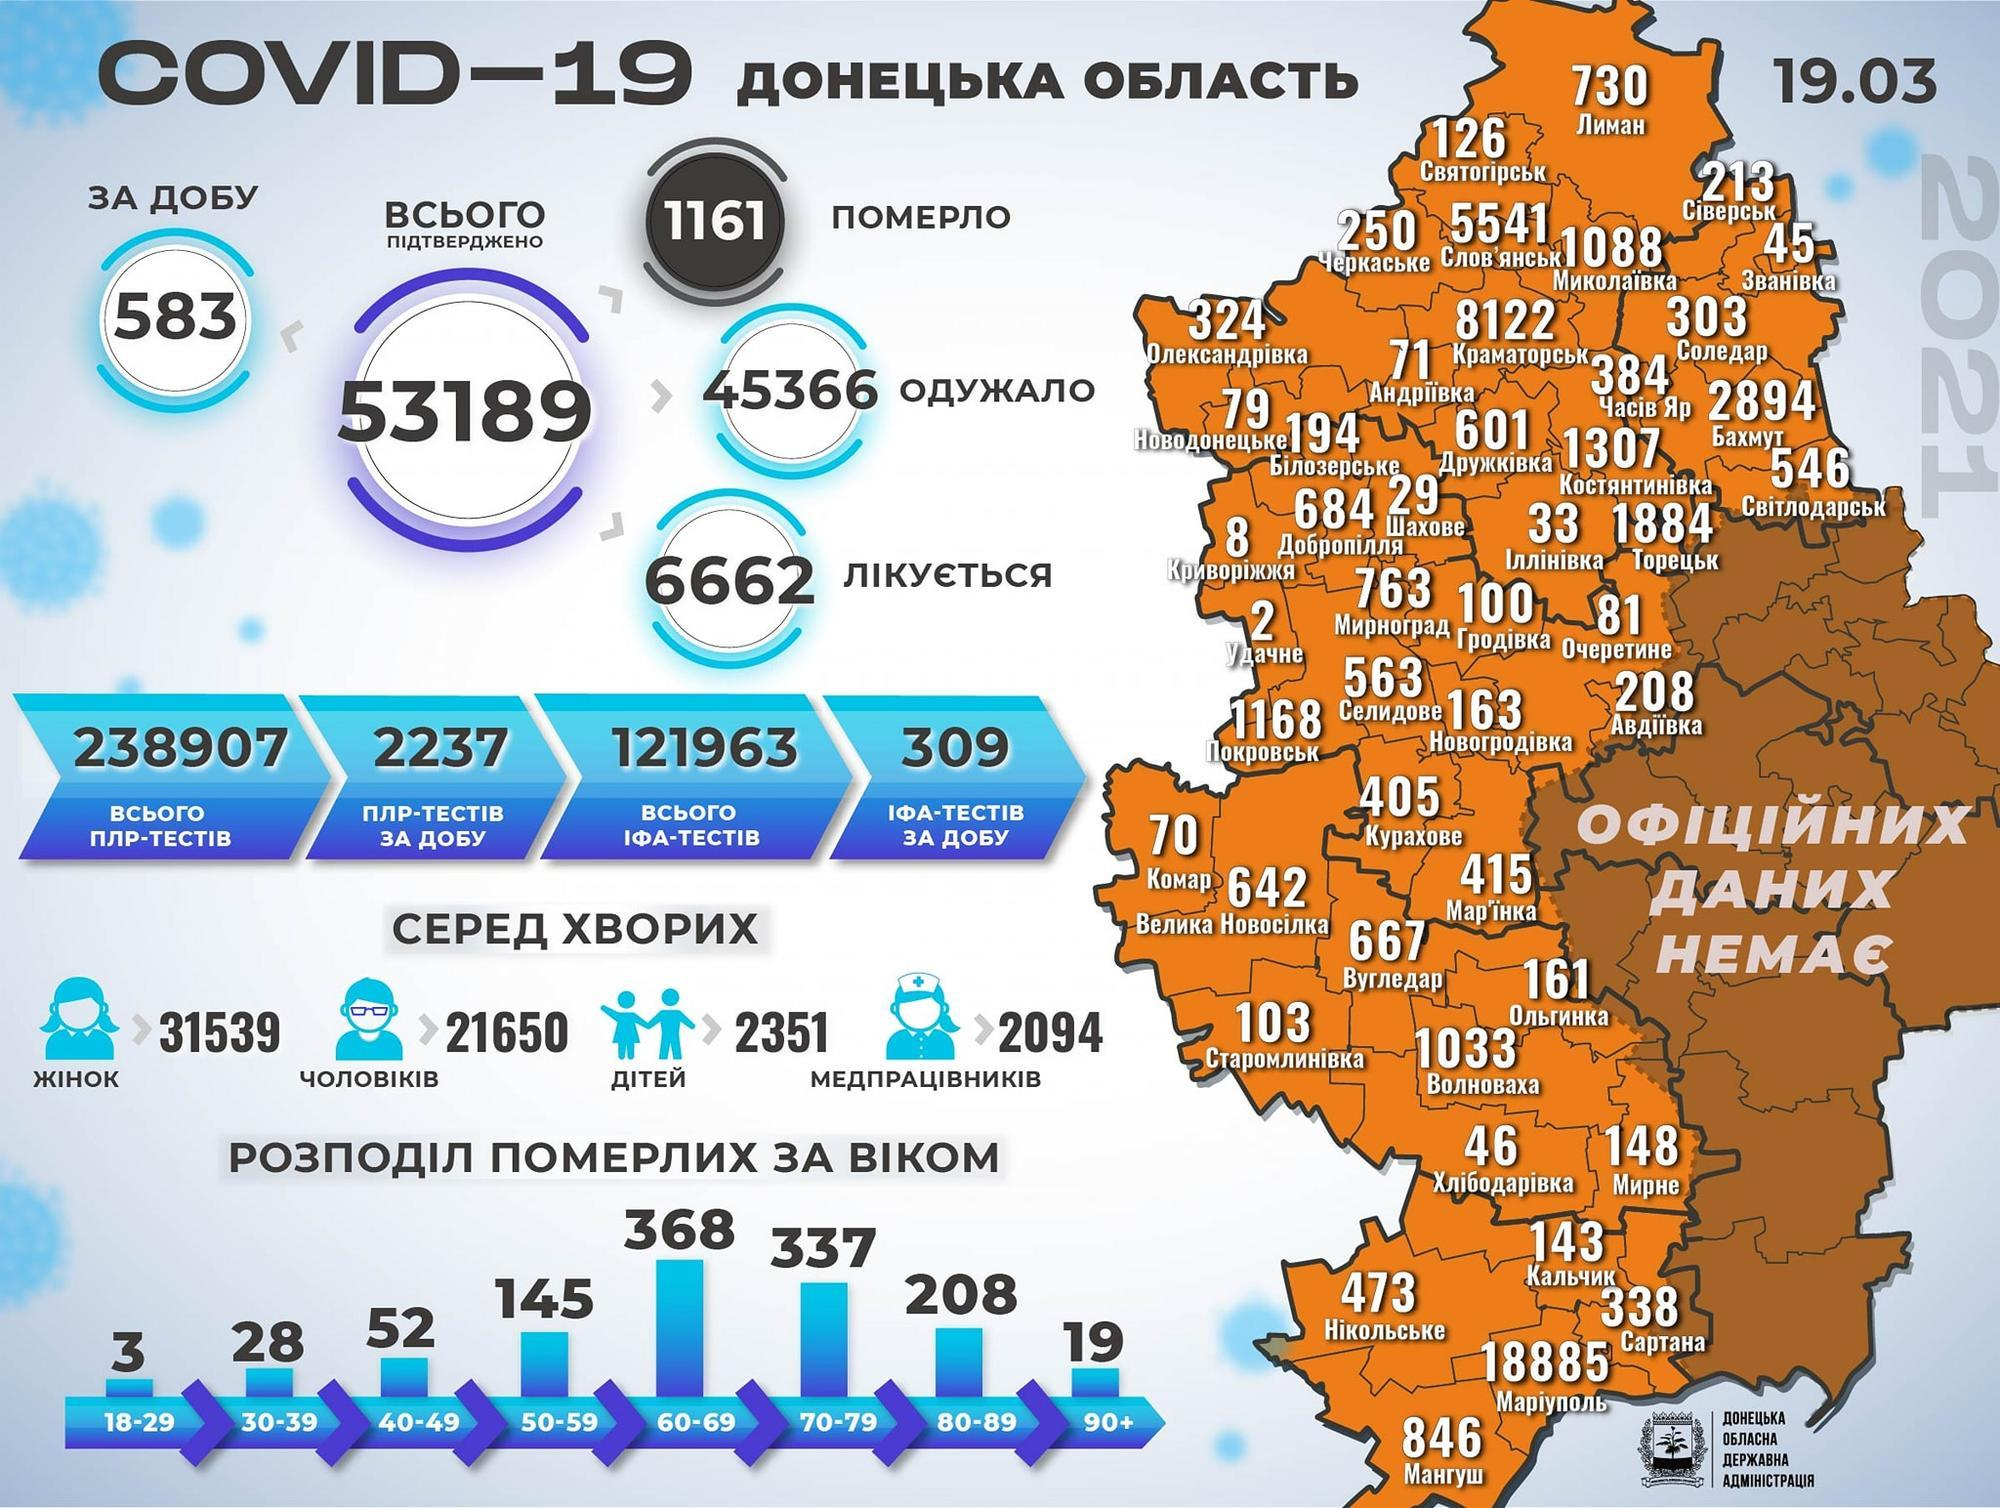 Статистика коронавируса на Донетчине по состоянию на 20 марта